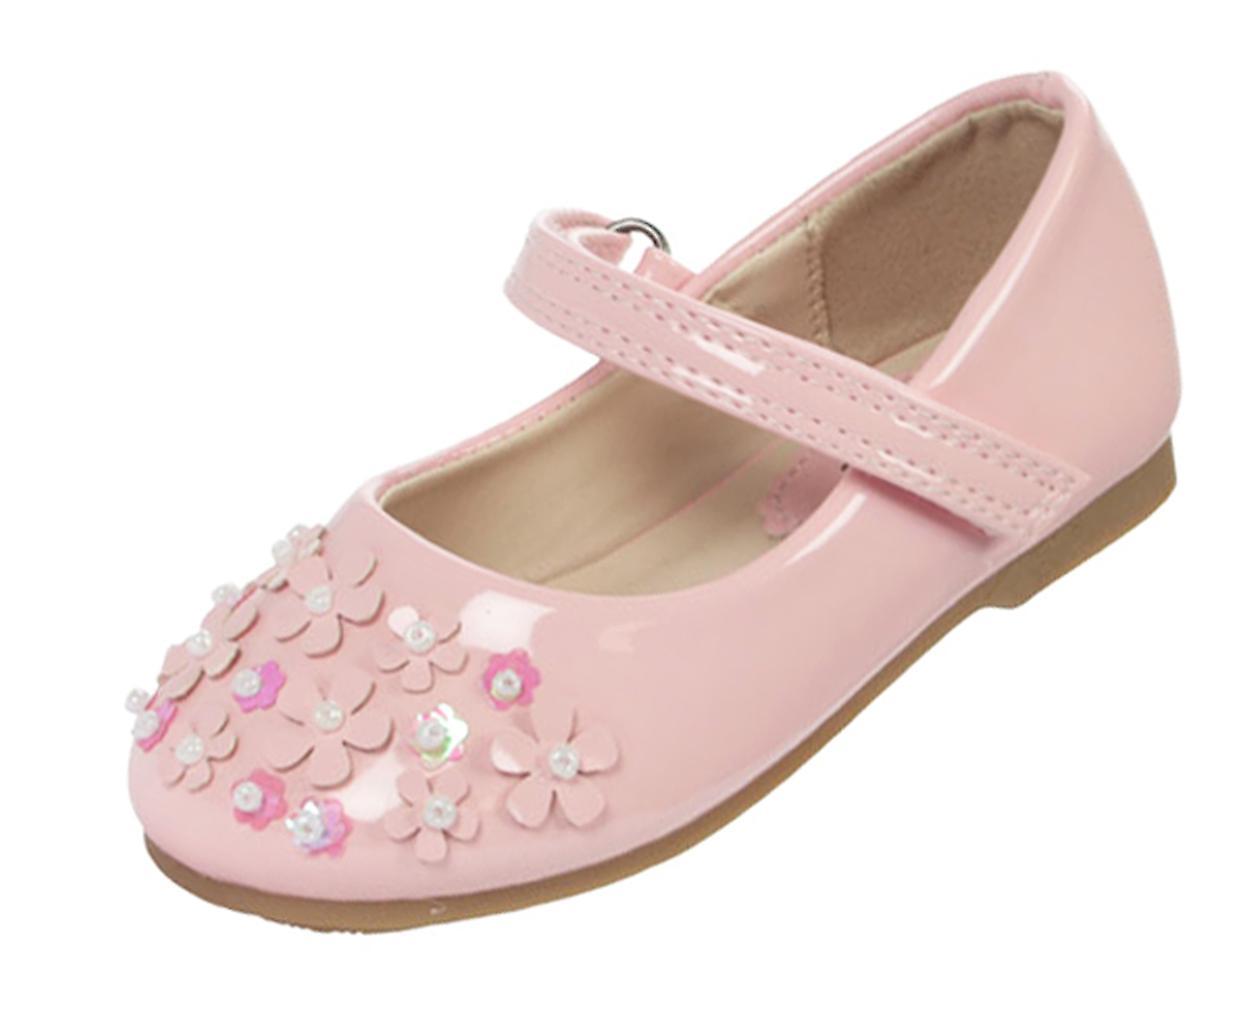 Baby Mädchen Rosa patent Anlass Ballerina Schuhe